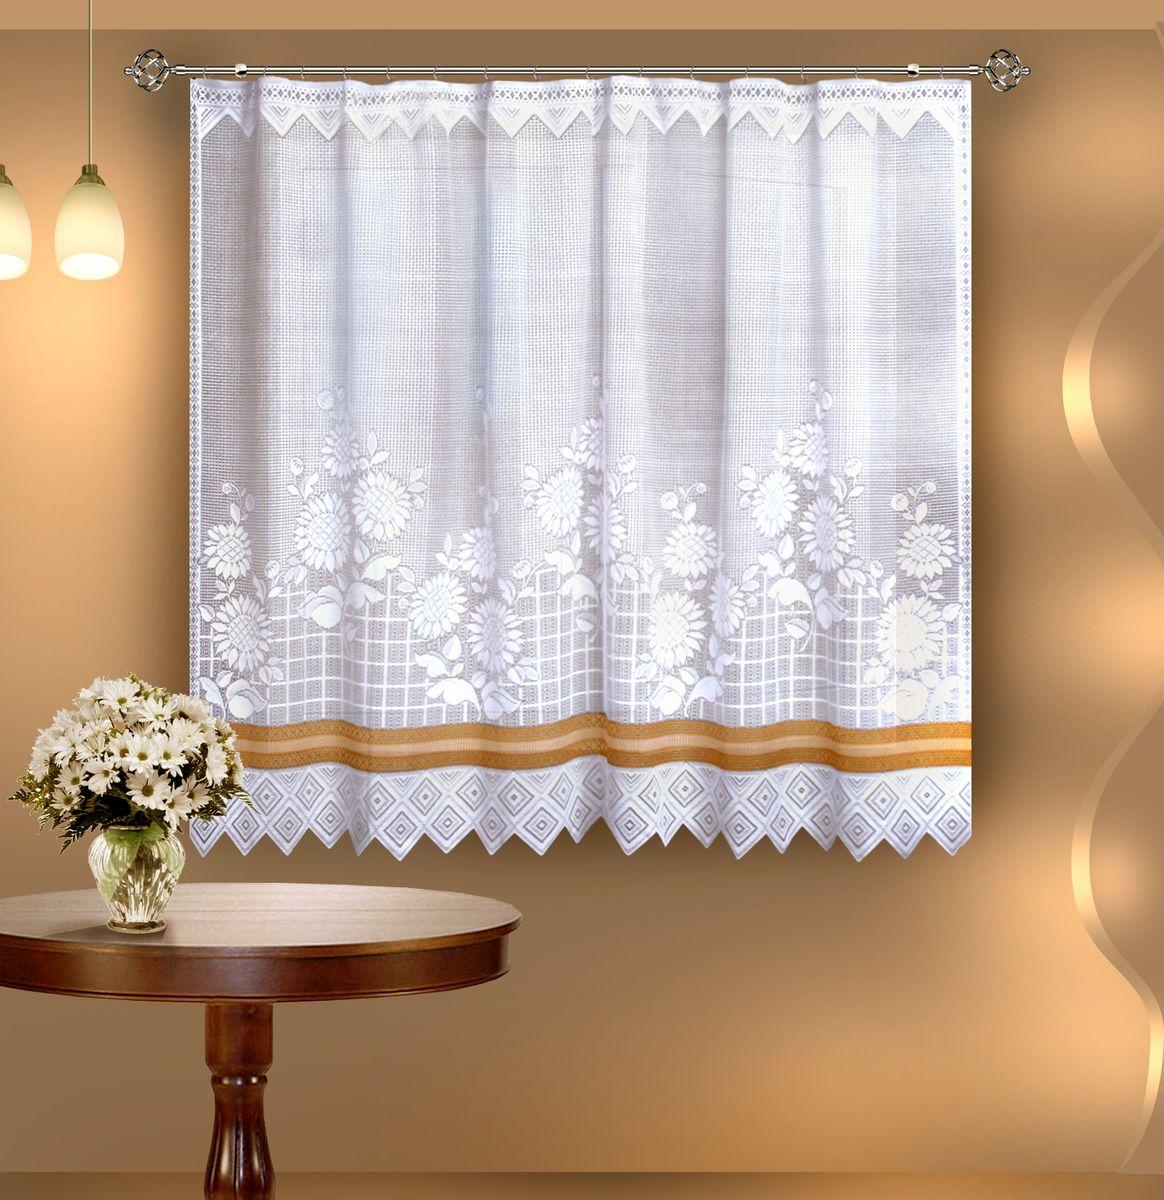 Гардина Zlata Korunka, цвет: белый, коричневый, высота 175 см. 88833S03301004Воздушная гардина Zlata Korunka, изготовленная из полиэстера белого цвета, станет великолепным украшением любого окна. Гардина выполнена сетчатого материала и декорирована рисунками в виде подсолнухов. Тонкое плетение и оригинальный дизайн привлекут к себе внимание и органично впишутся в интерьер. Верхняя часть гардины не оснащена креплениями.